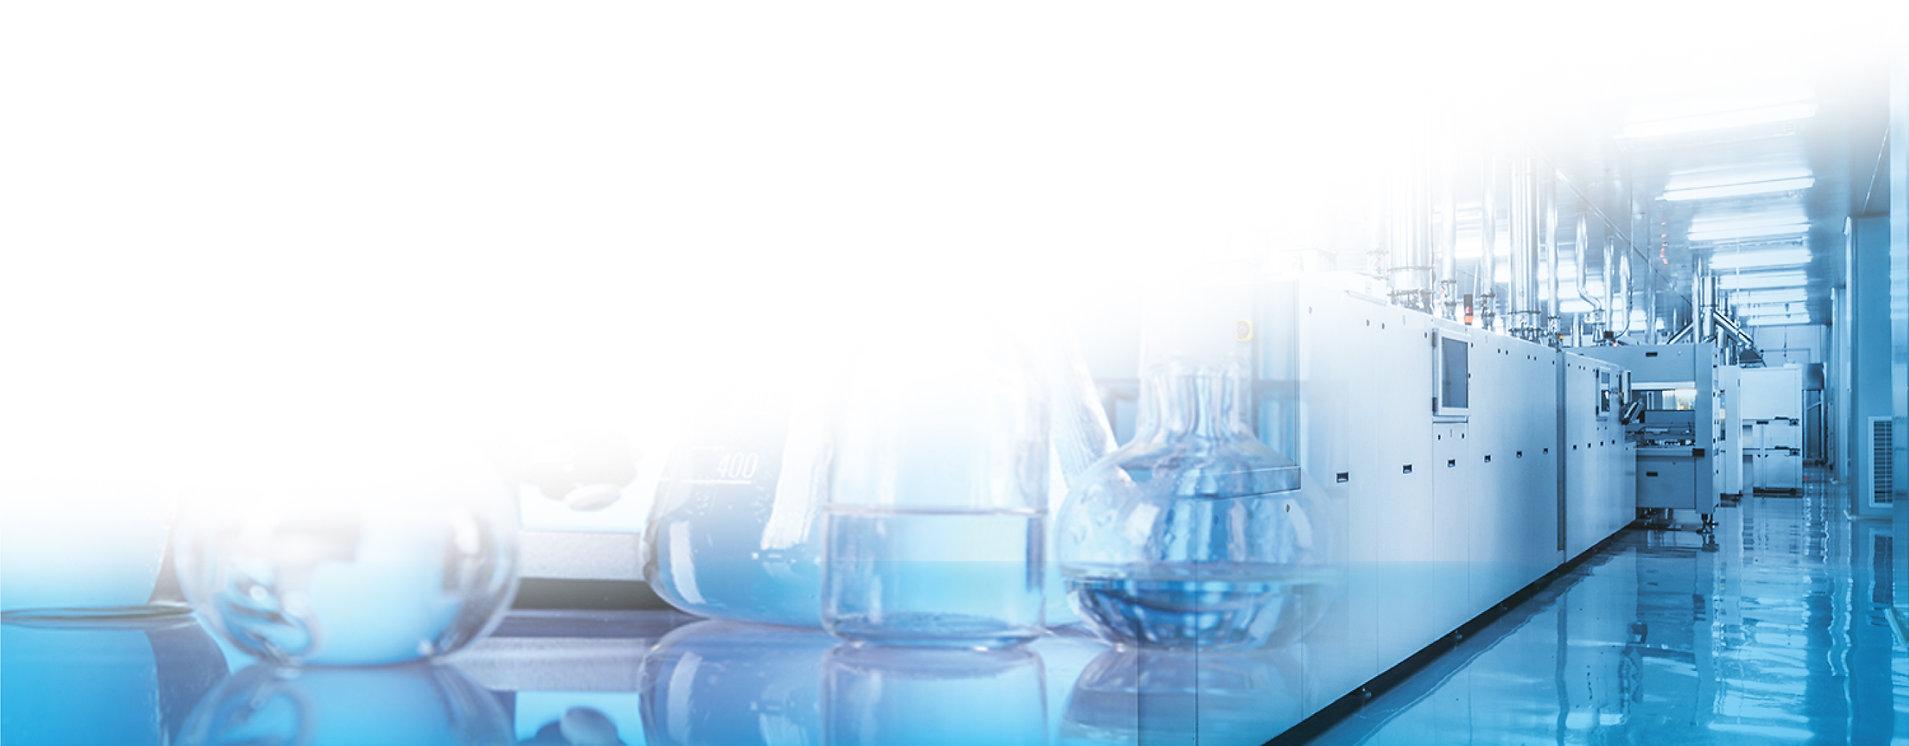 การผลิตของ pbb cosmetics ได้มาตรฐานสากล